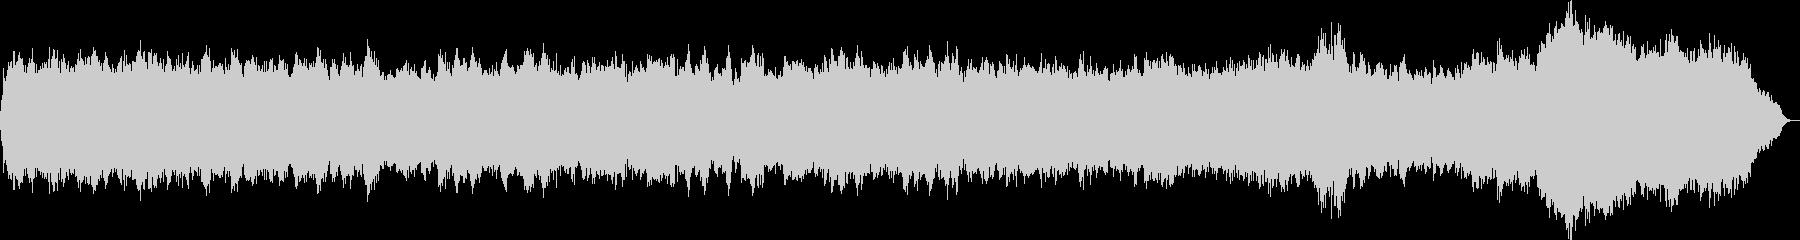 パイプオルガンのオリジナル教会音楽の未再生の波形